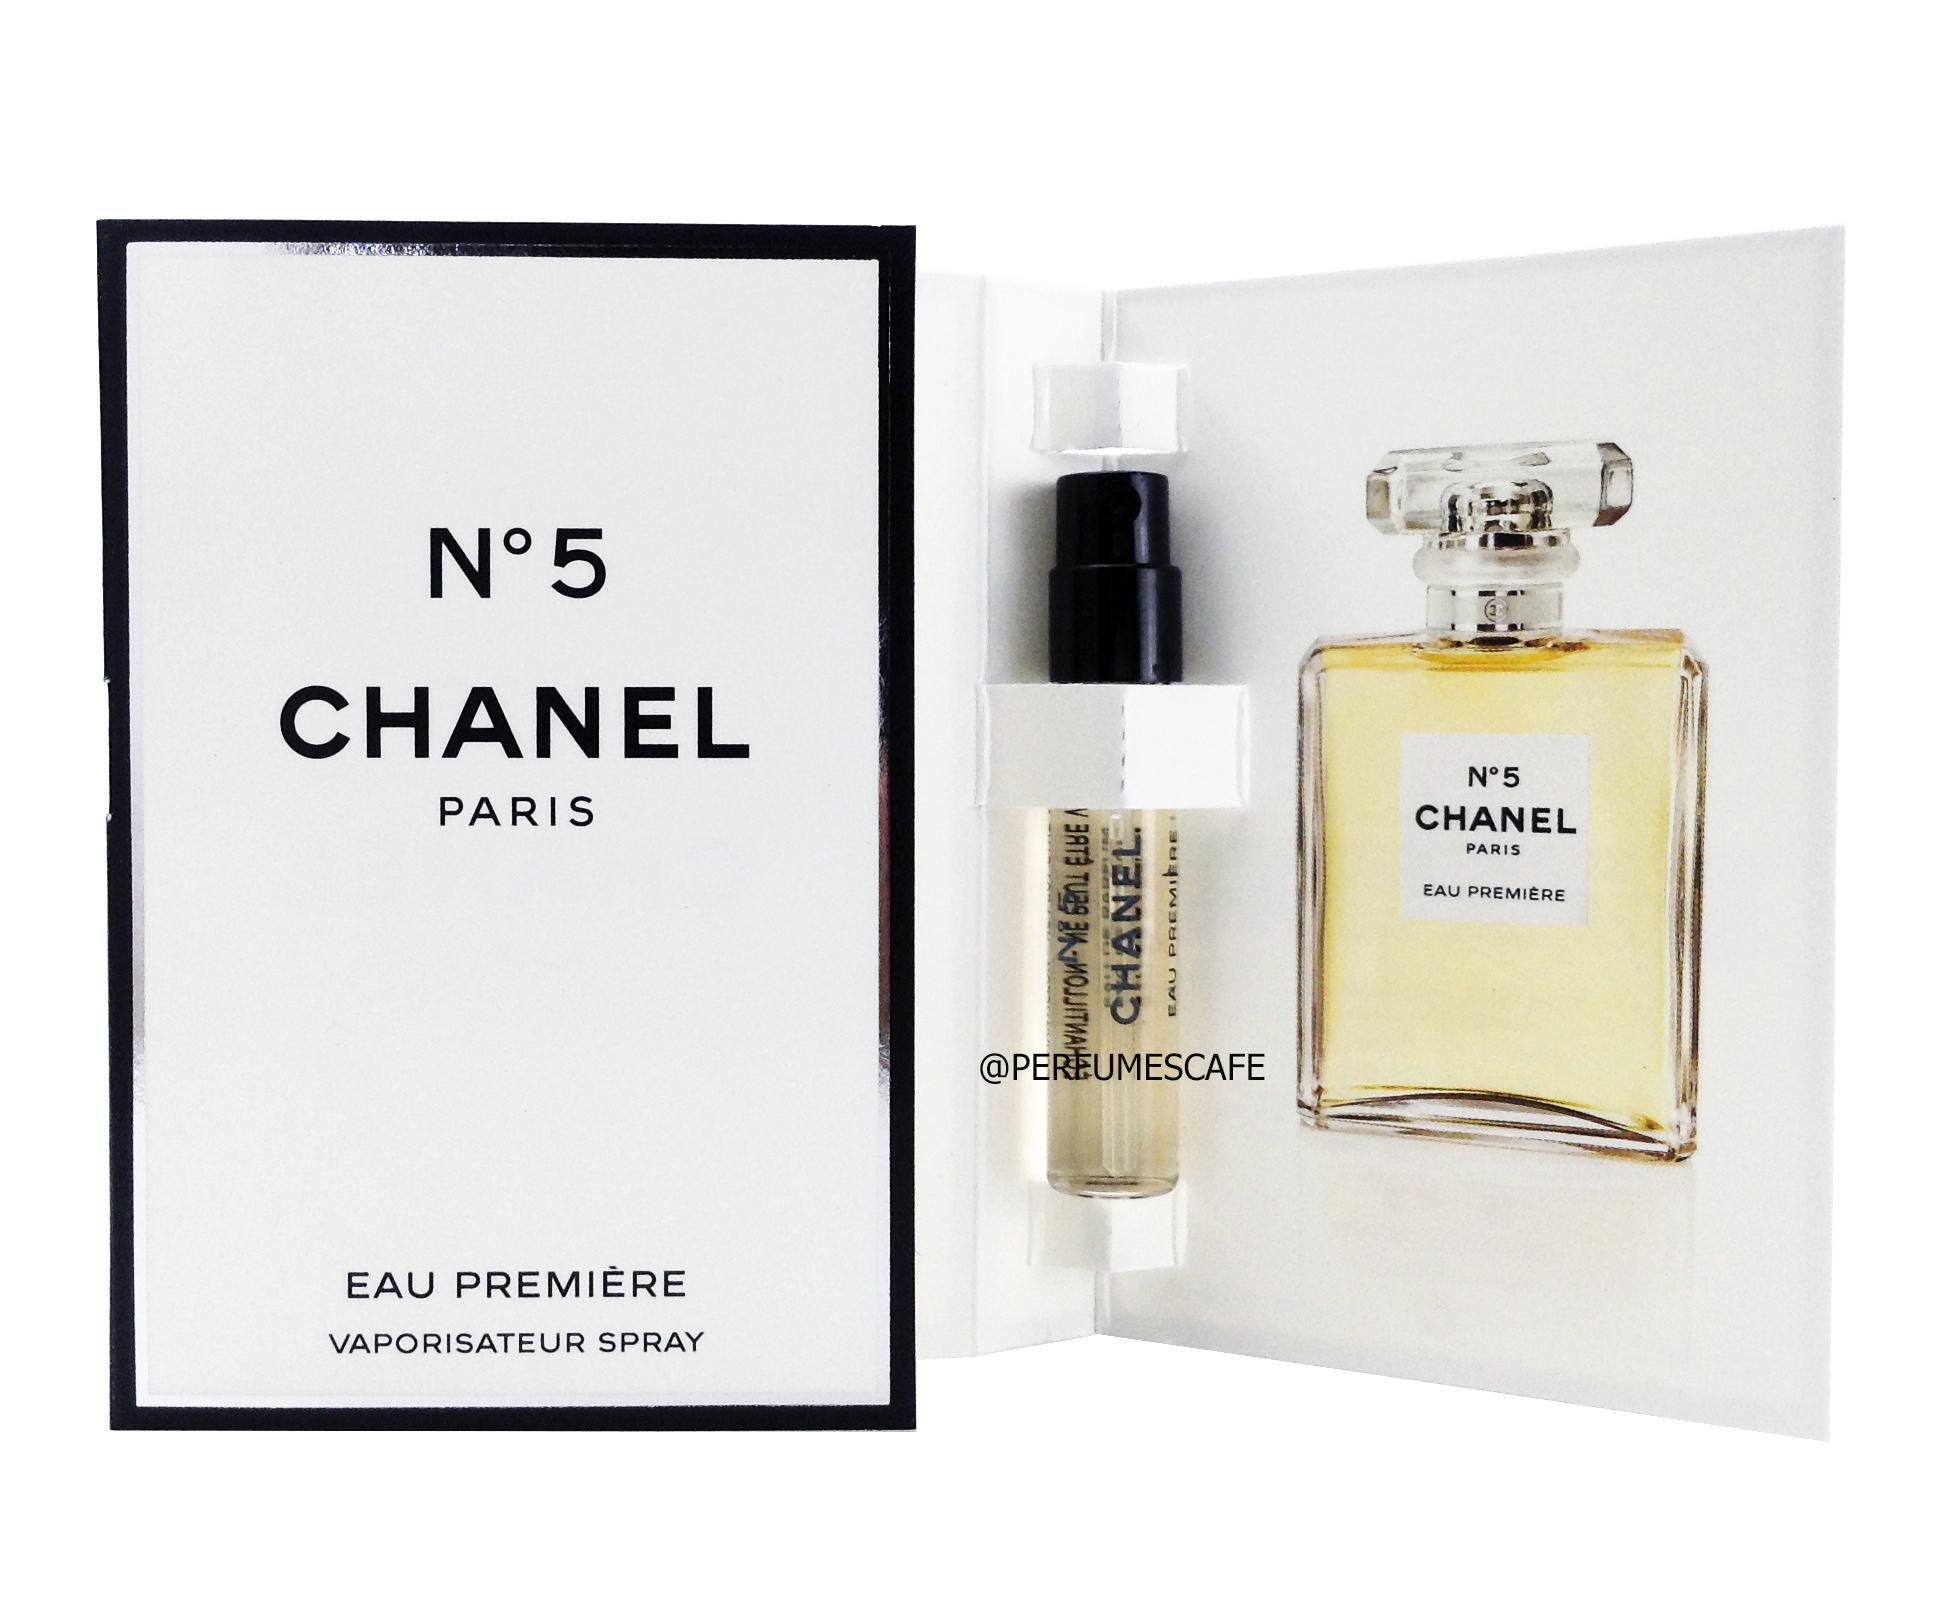 น้ำหอม Chanel Nº 5 Eau Première EDP ขนาดทดลอง 2ml แบบสเปรย์